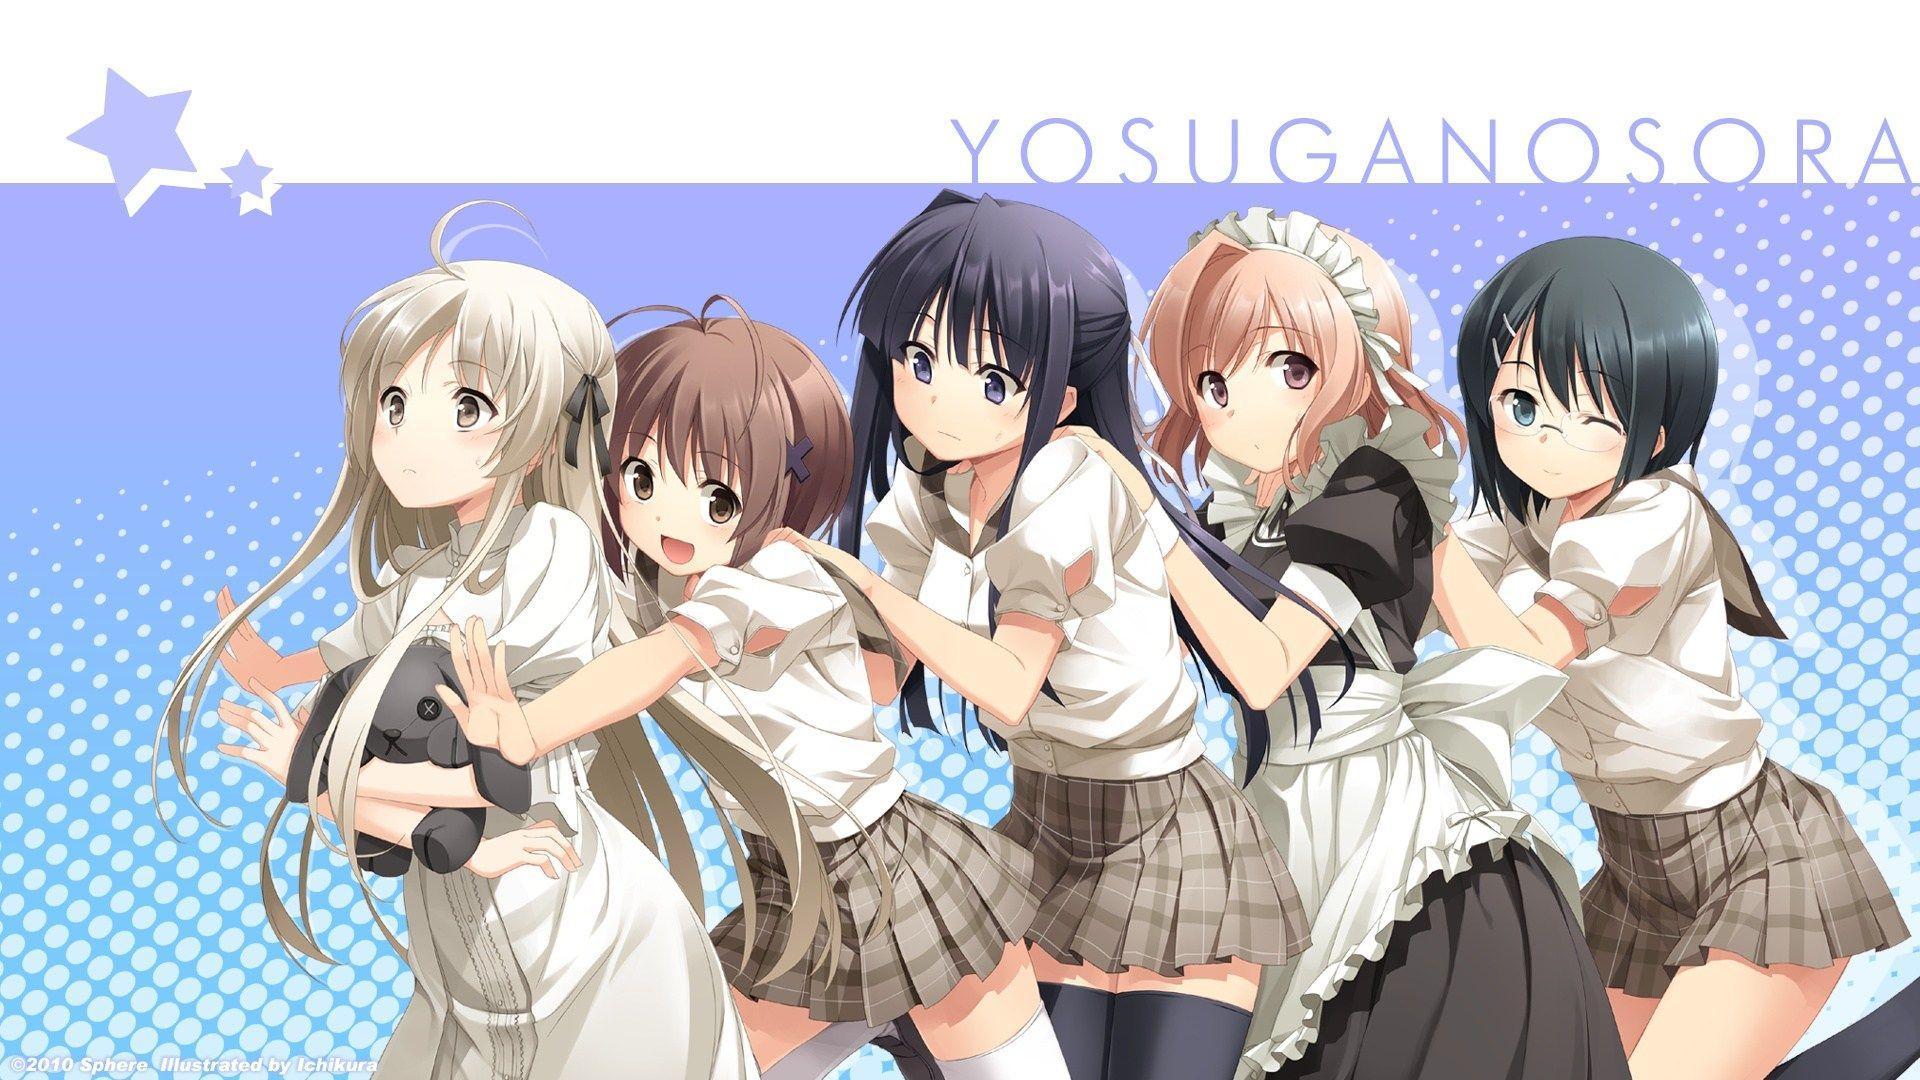 Yosuga no sora game